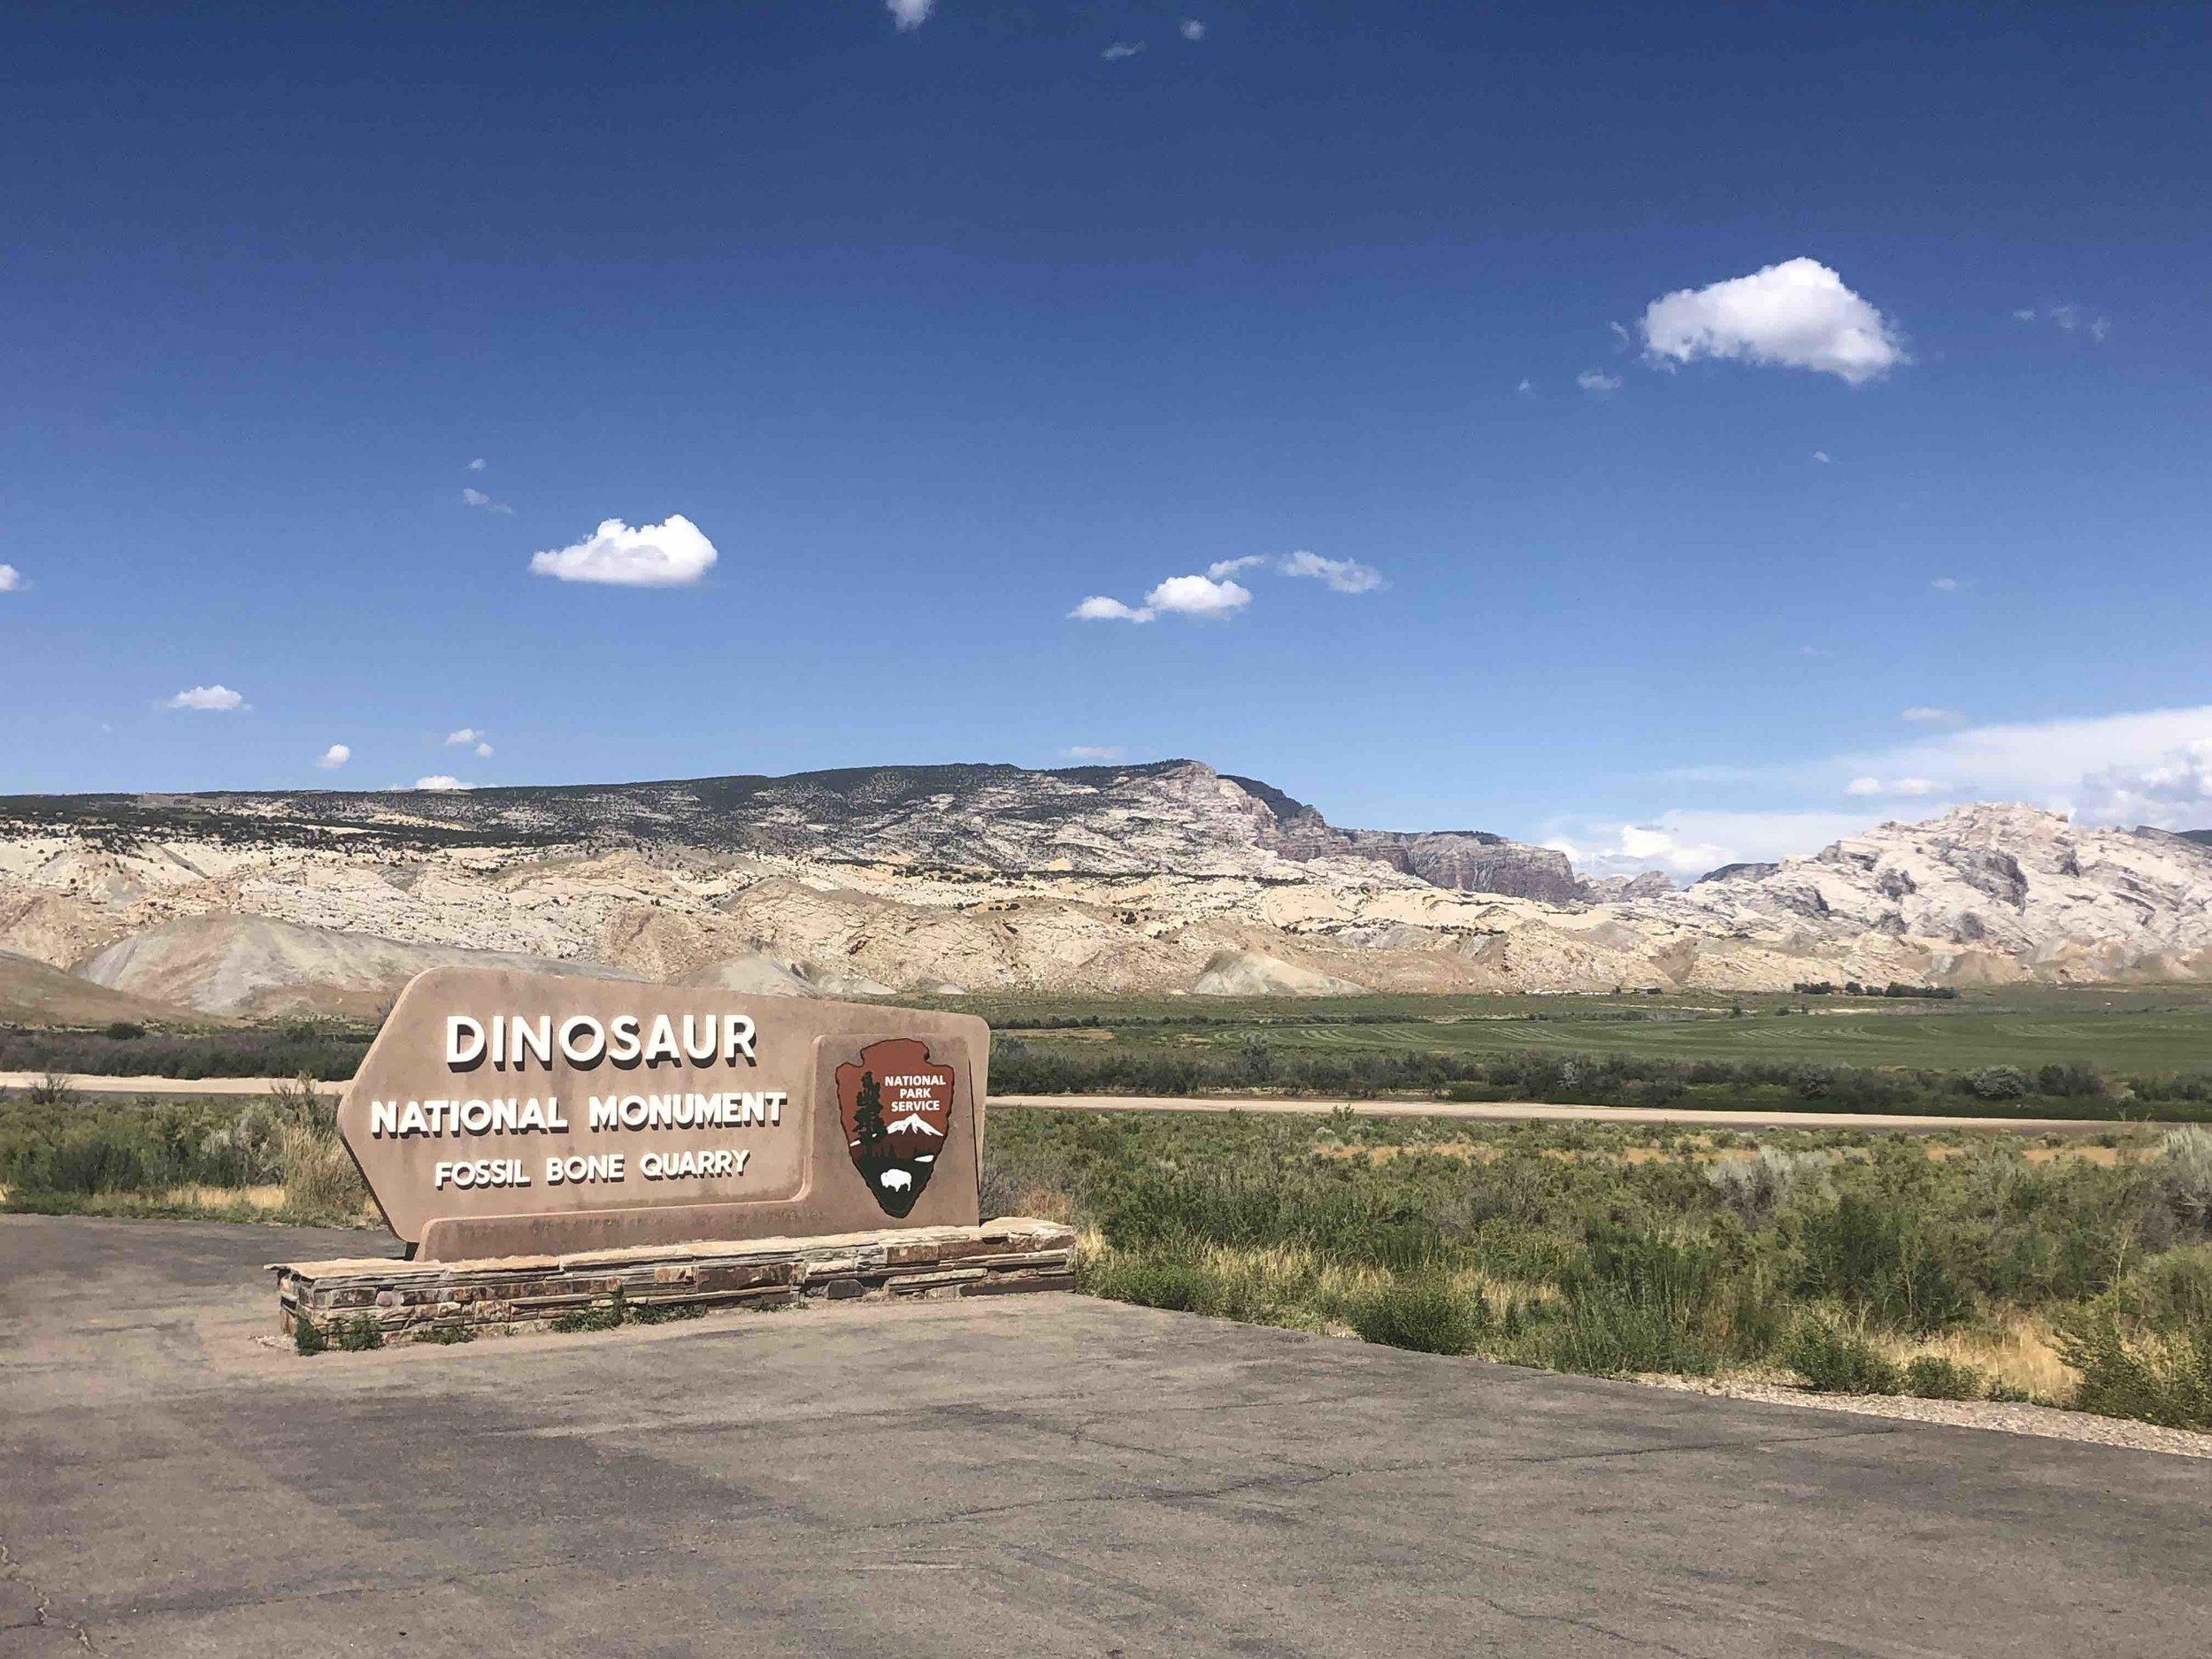 Dinosaur National Monument00005.jpeg